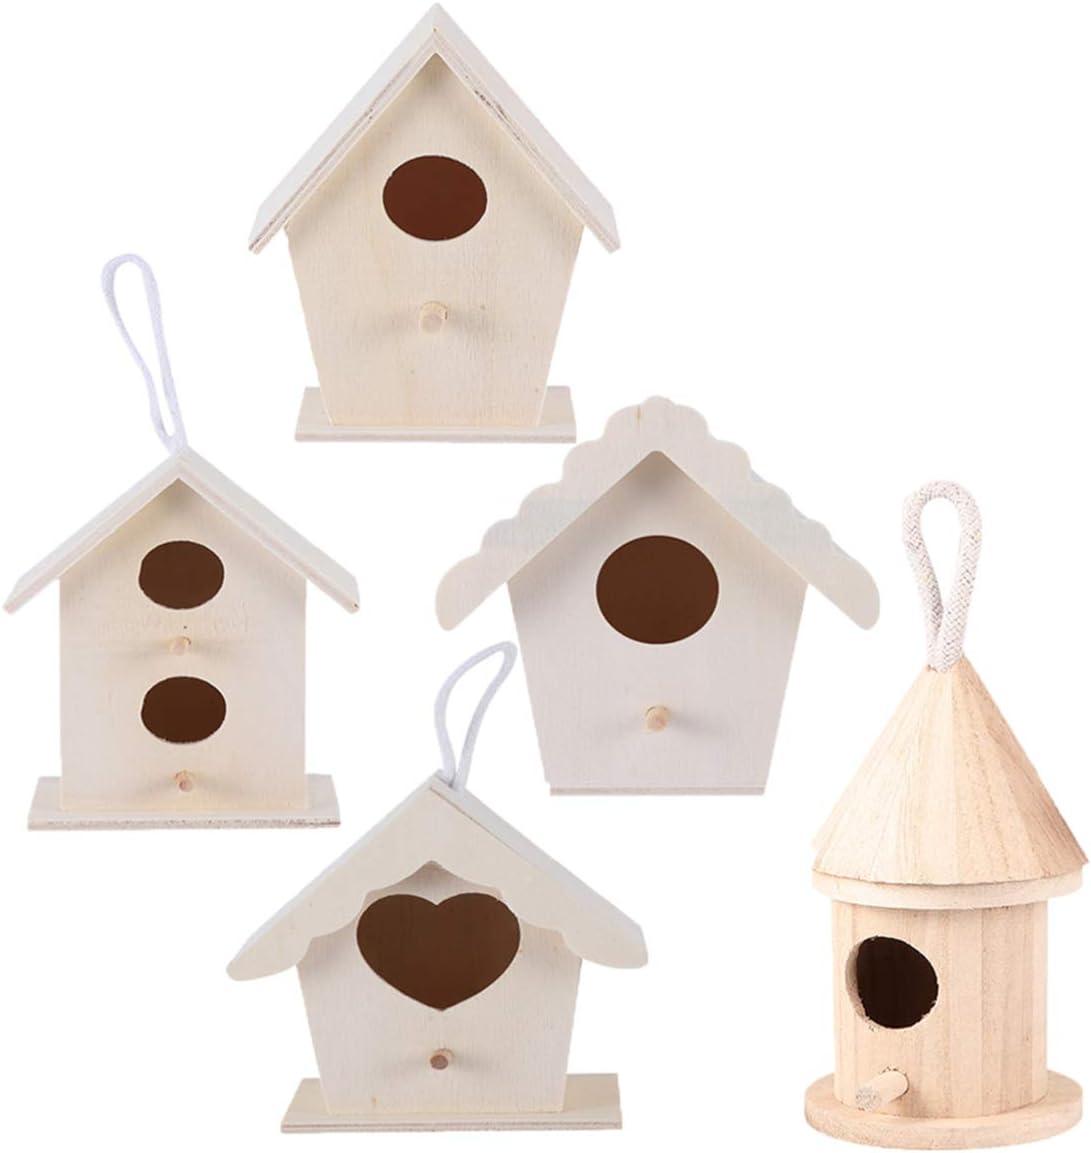 EXCEART 5 Kits de Casitas de Madera para Pájaros Casita para Pájaros sin Pintar para Niños Que Crean Crean Y Decoran